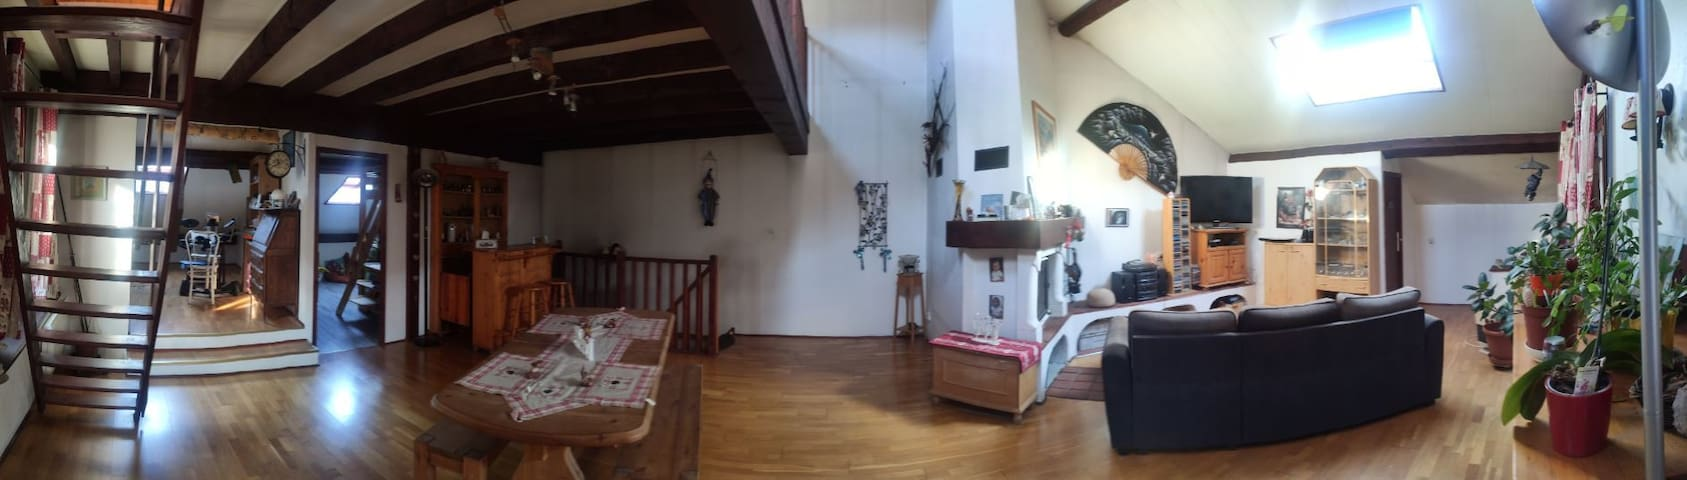 chambre privée dans village savoyard